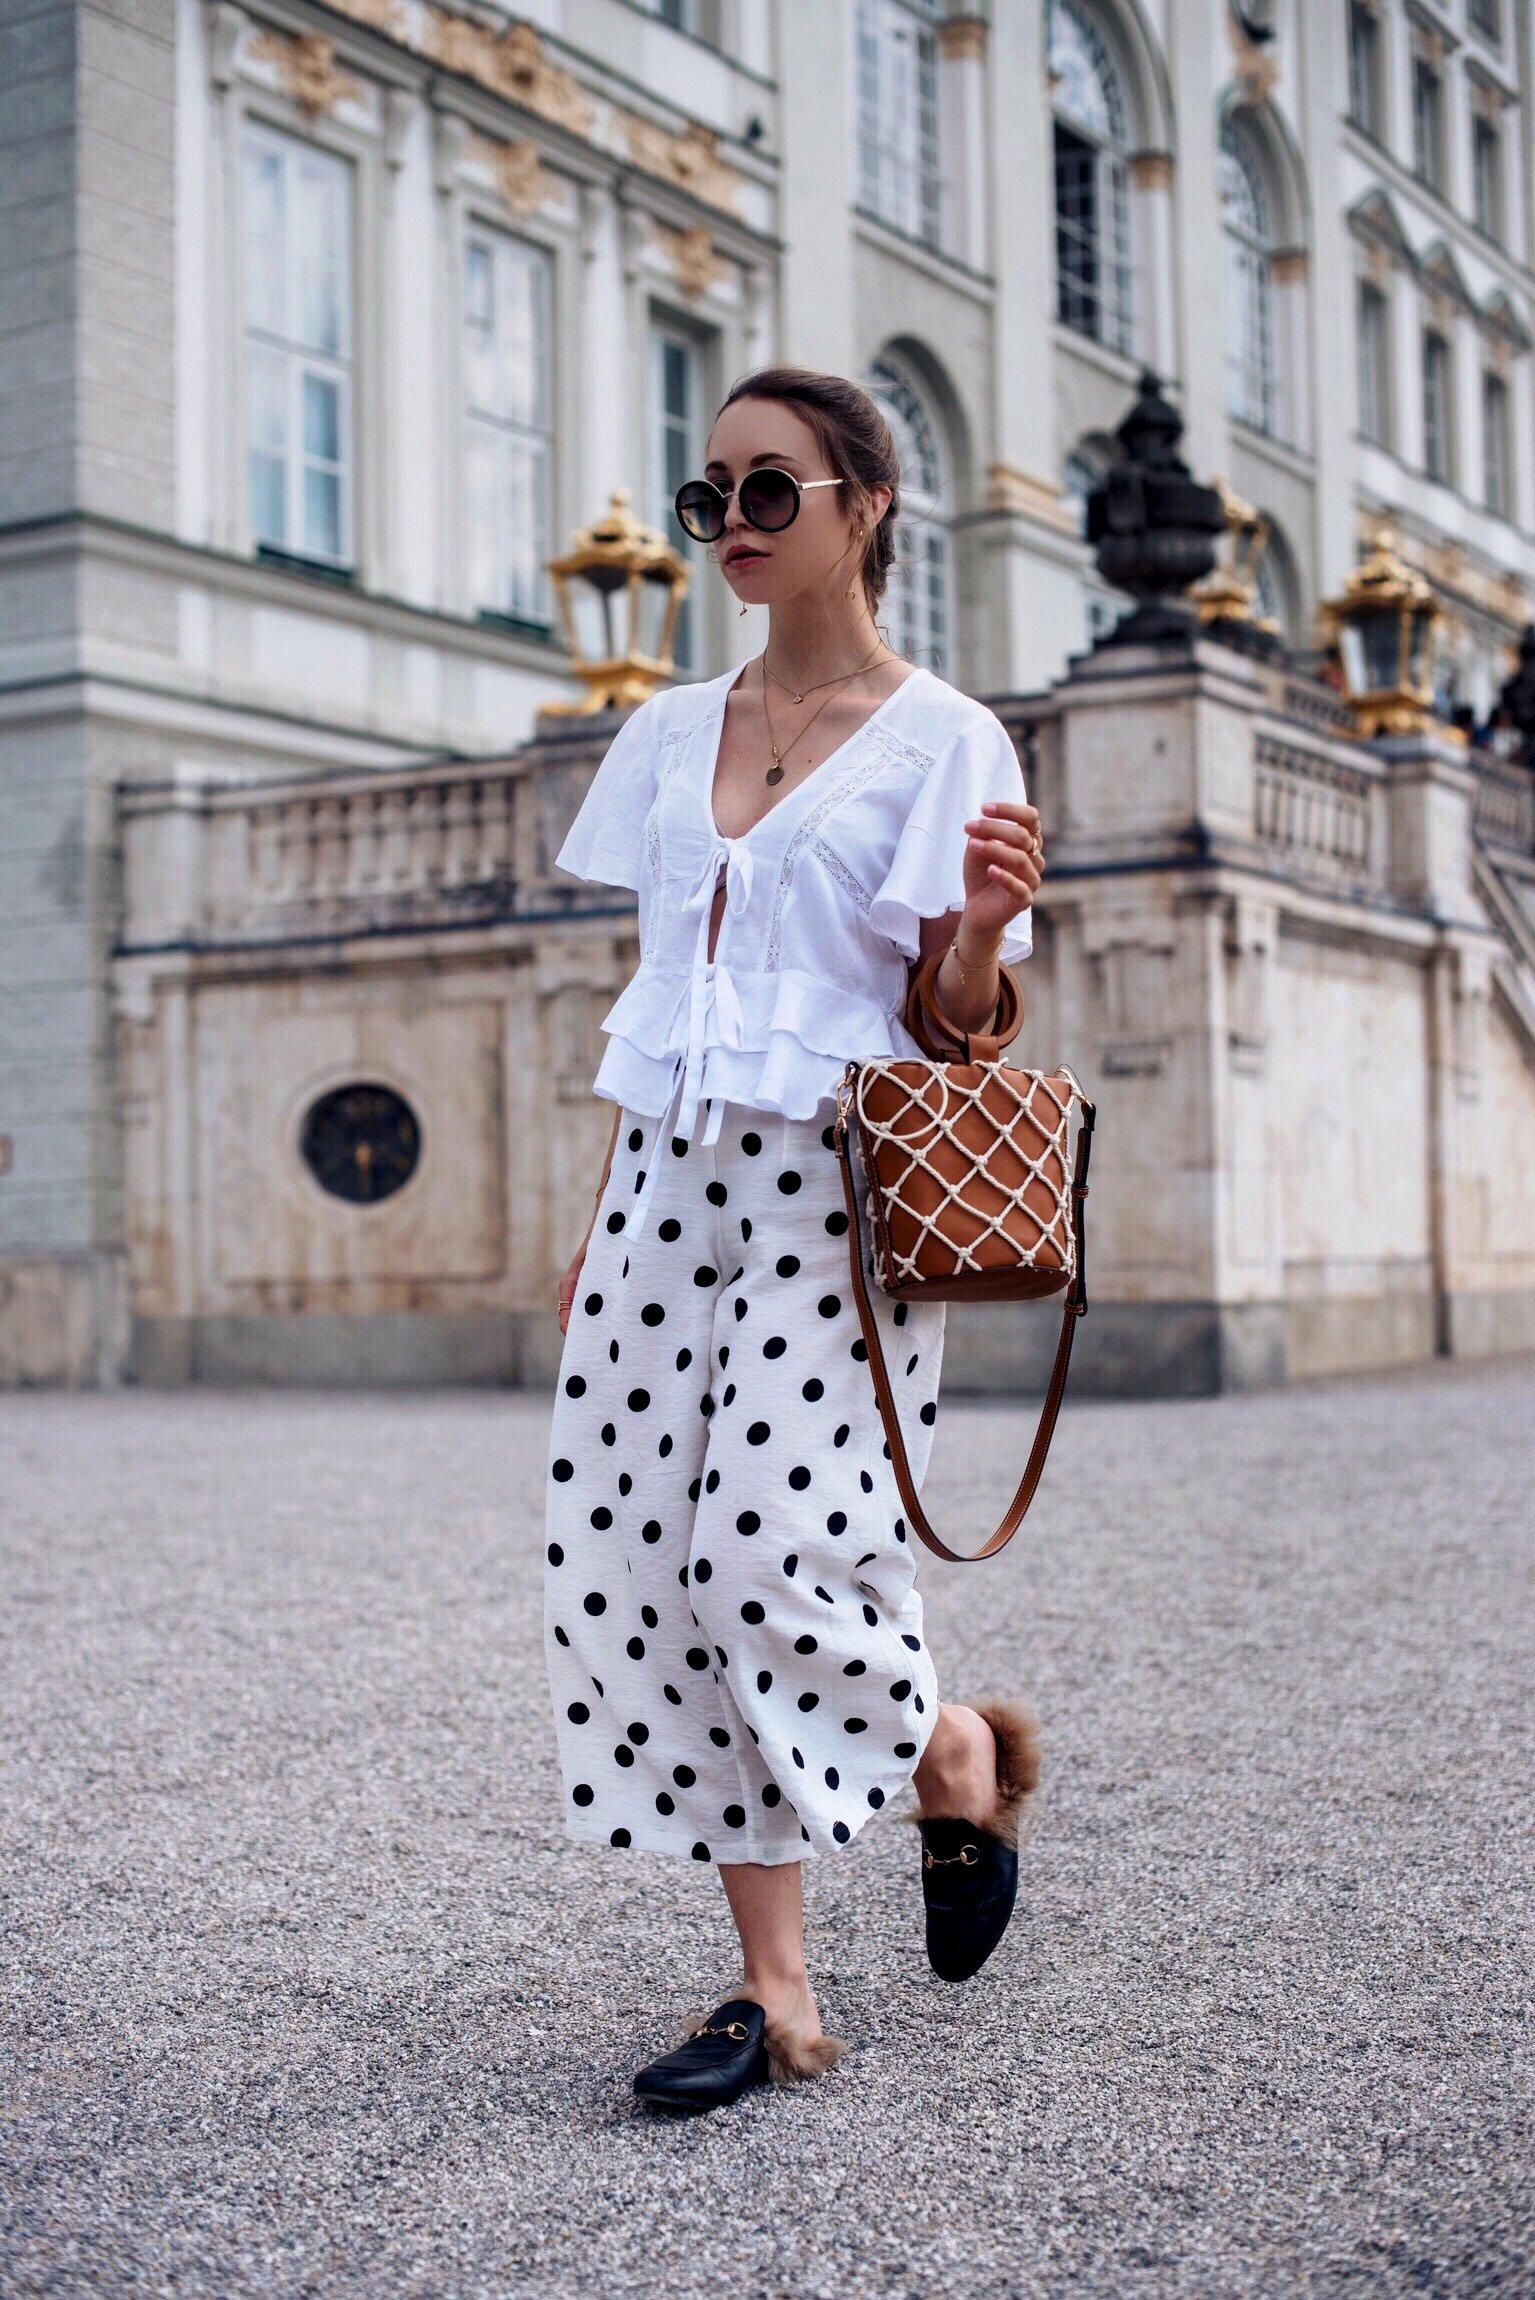 Das neue Trendmuster Polka Dots - Die schönsten Pünktchen Pieces für den Sommer